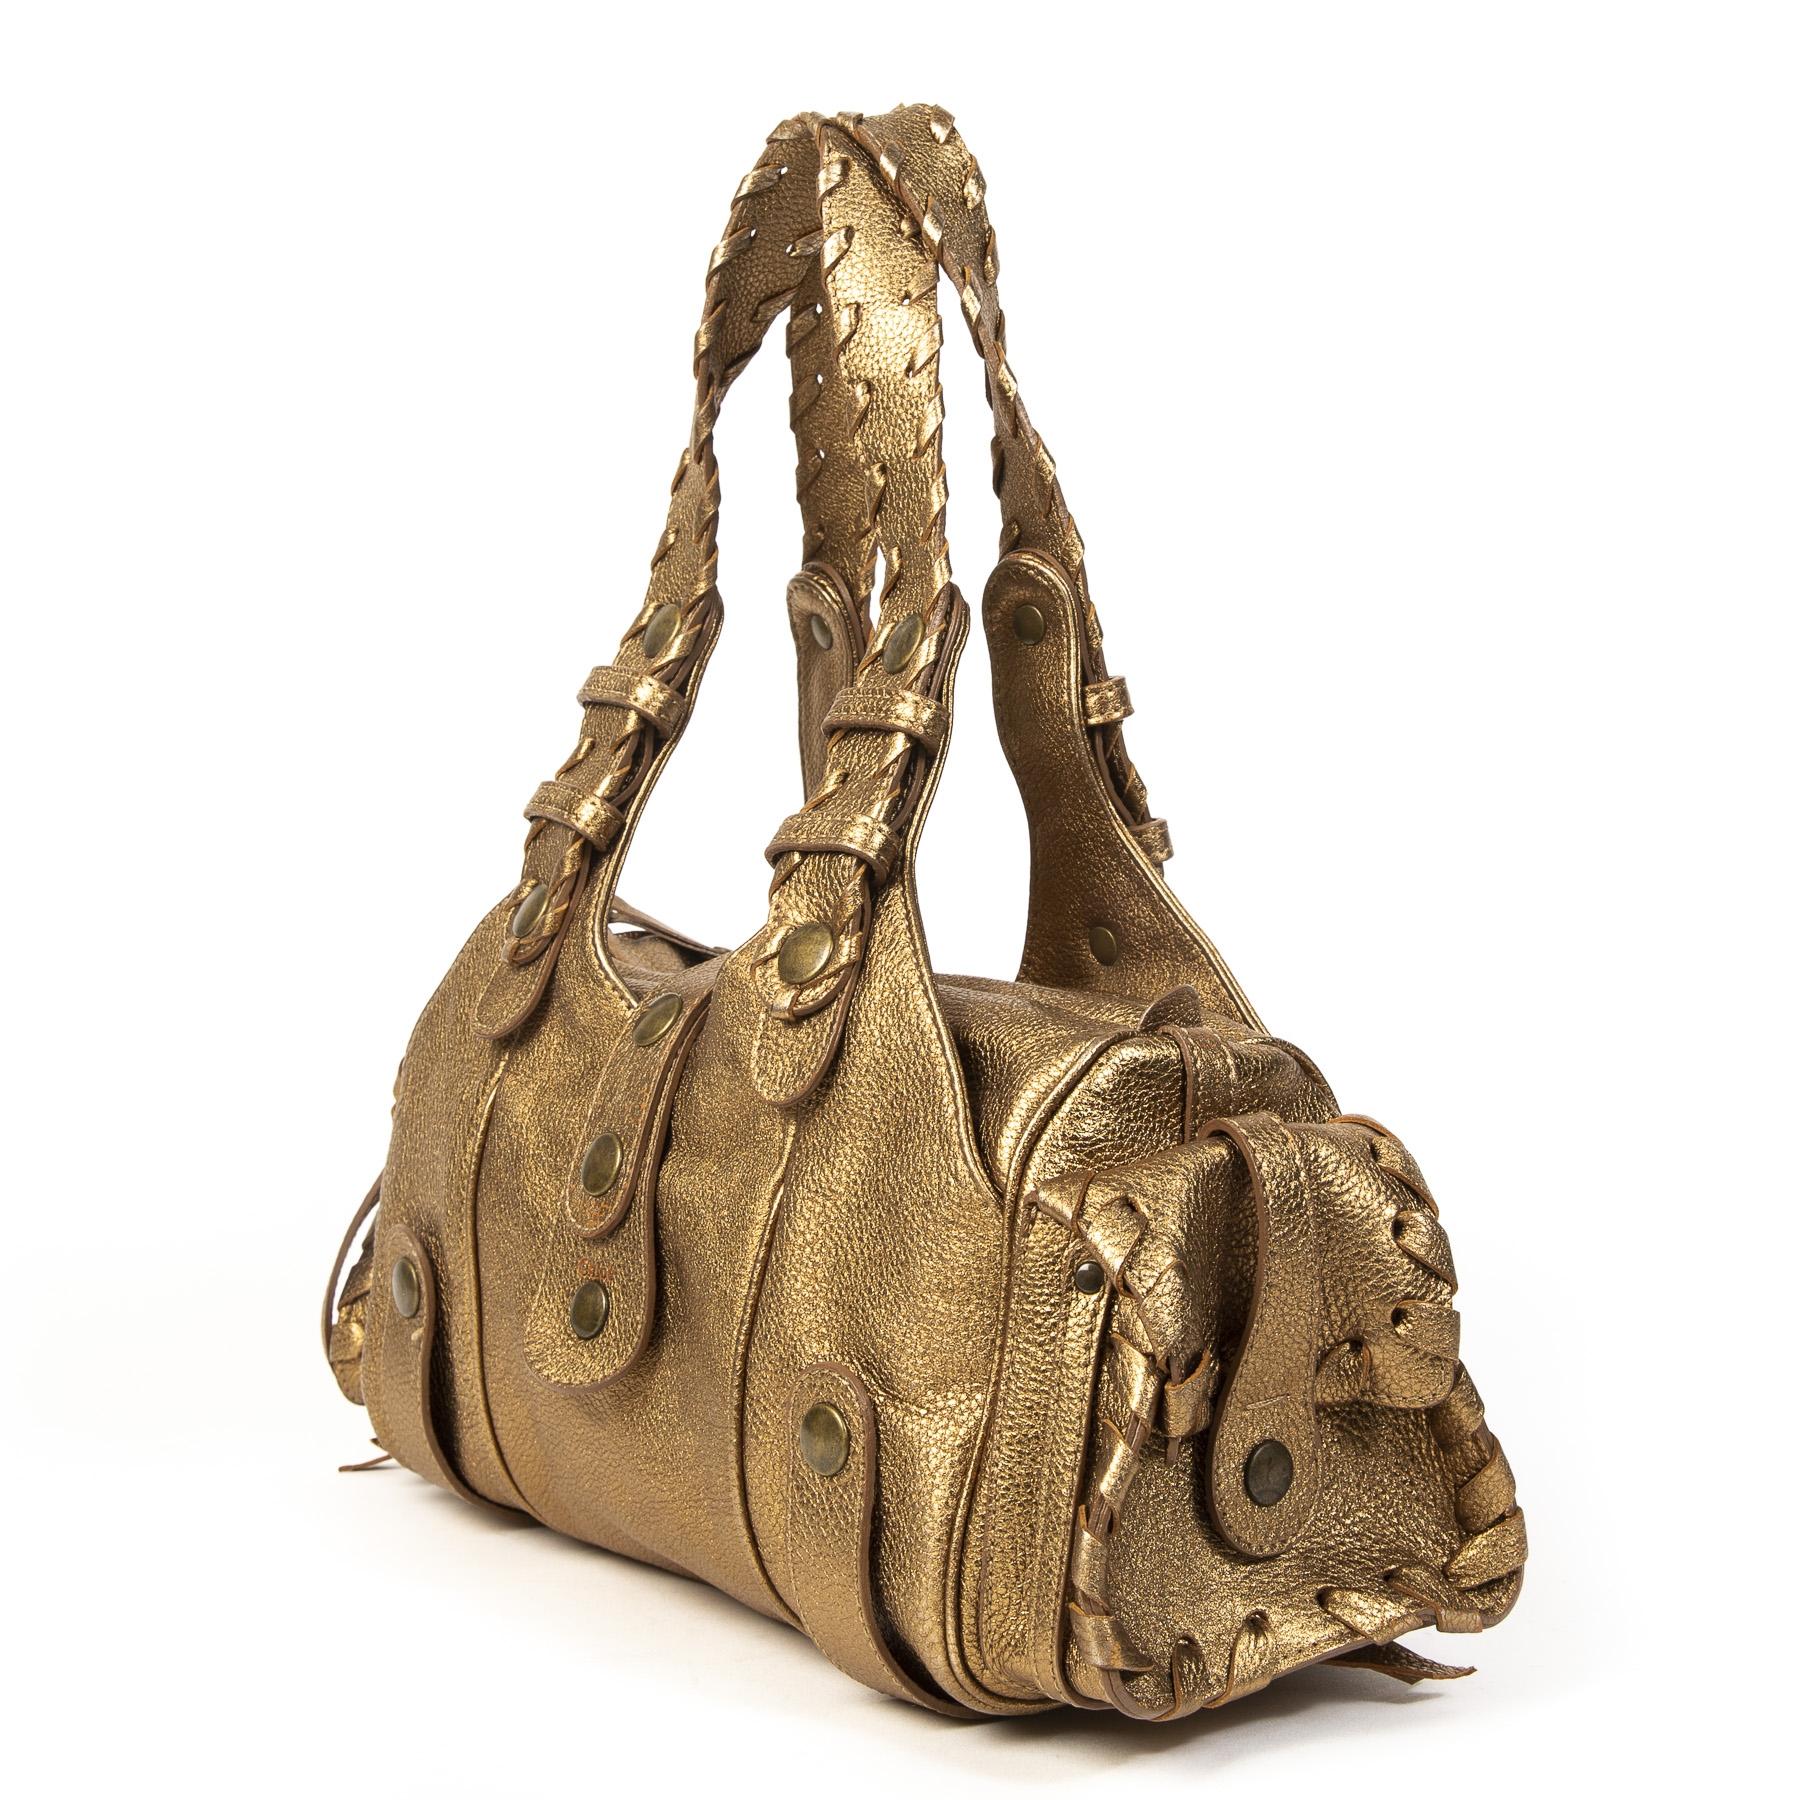 Authentieke tweedehands Chloé Metallic Bronze Leather Silverado Satchel juiste prijs veilig online winkelen LabelLOV webshop luxe merken winkelen Antwerpen België mode fashion